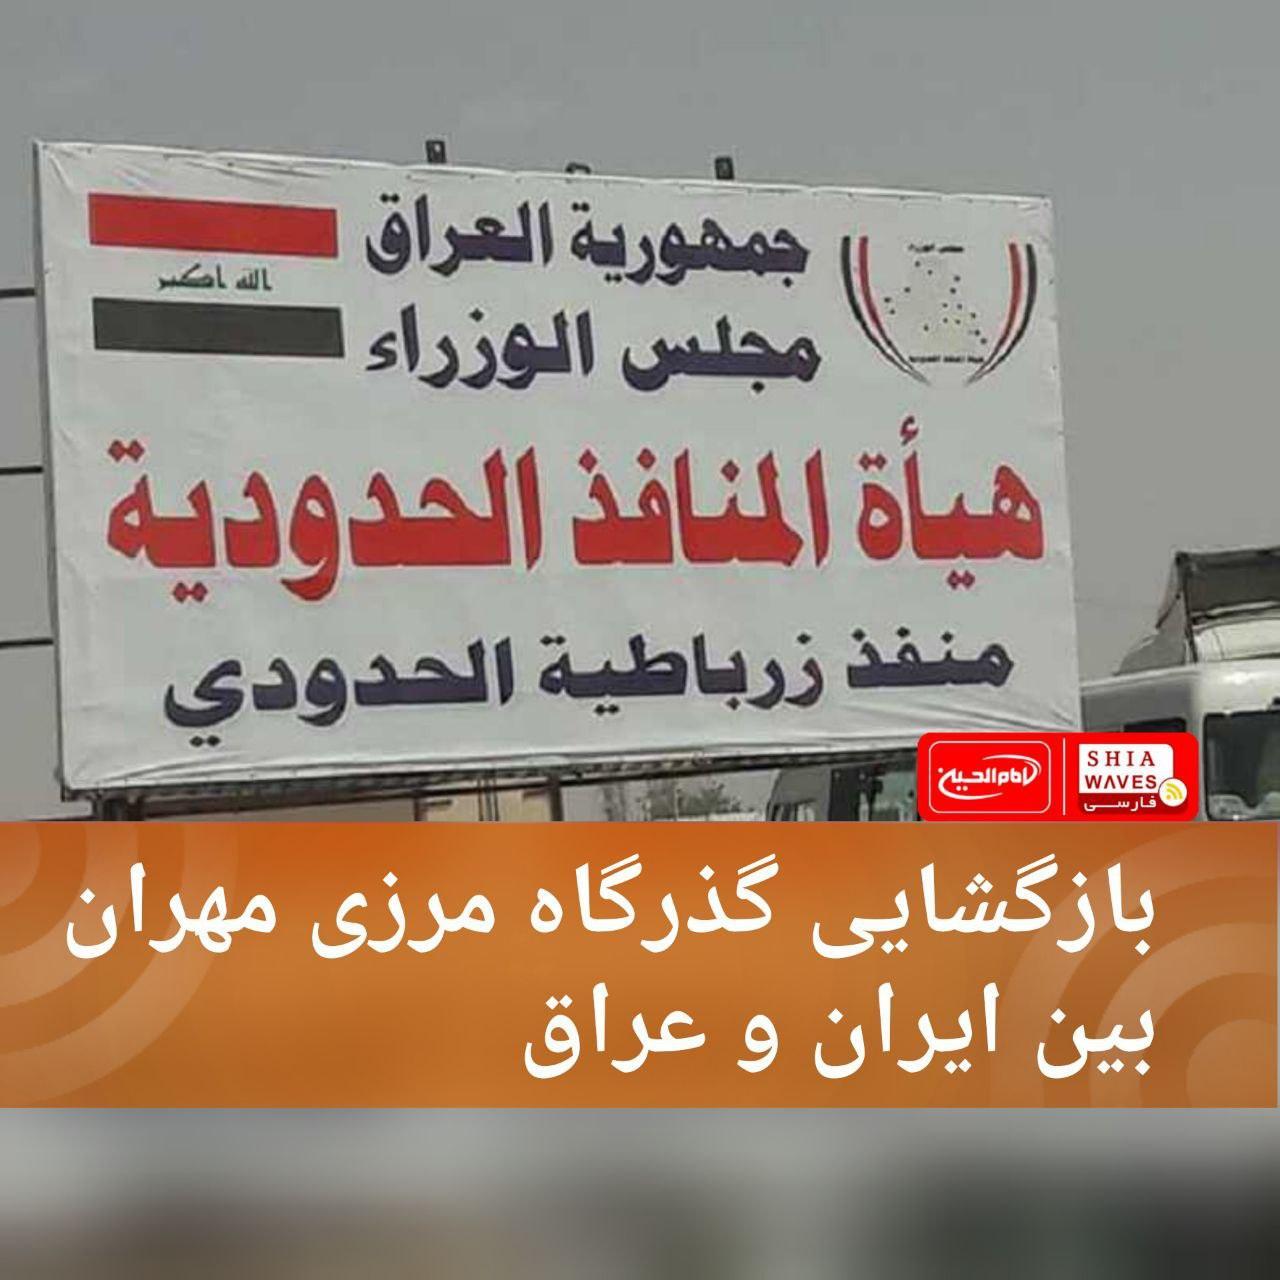 تصویر بازگشایی گذرگاه مرزی مهران بین ایران و عراق